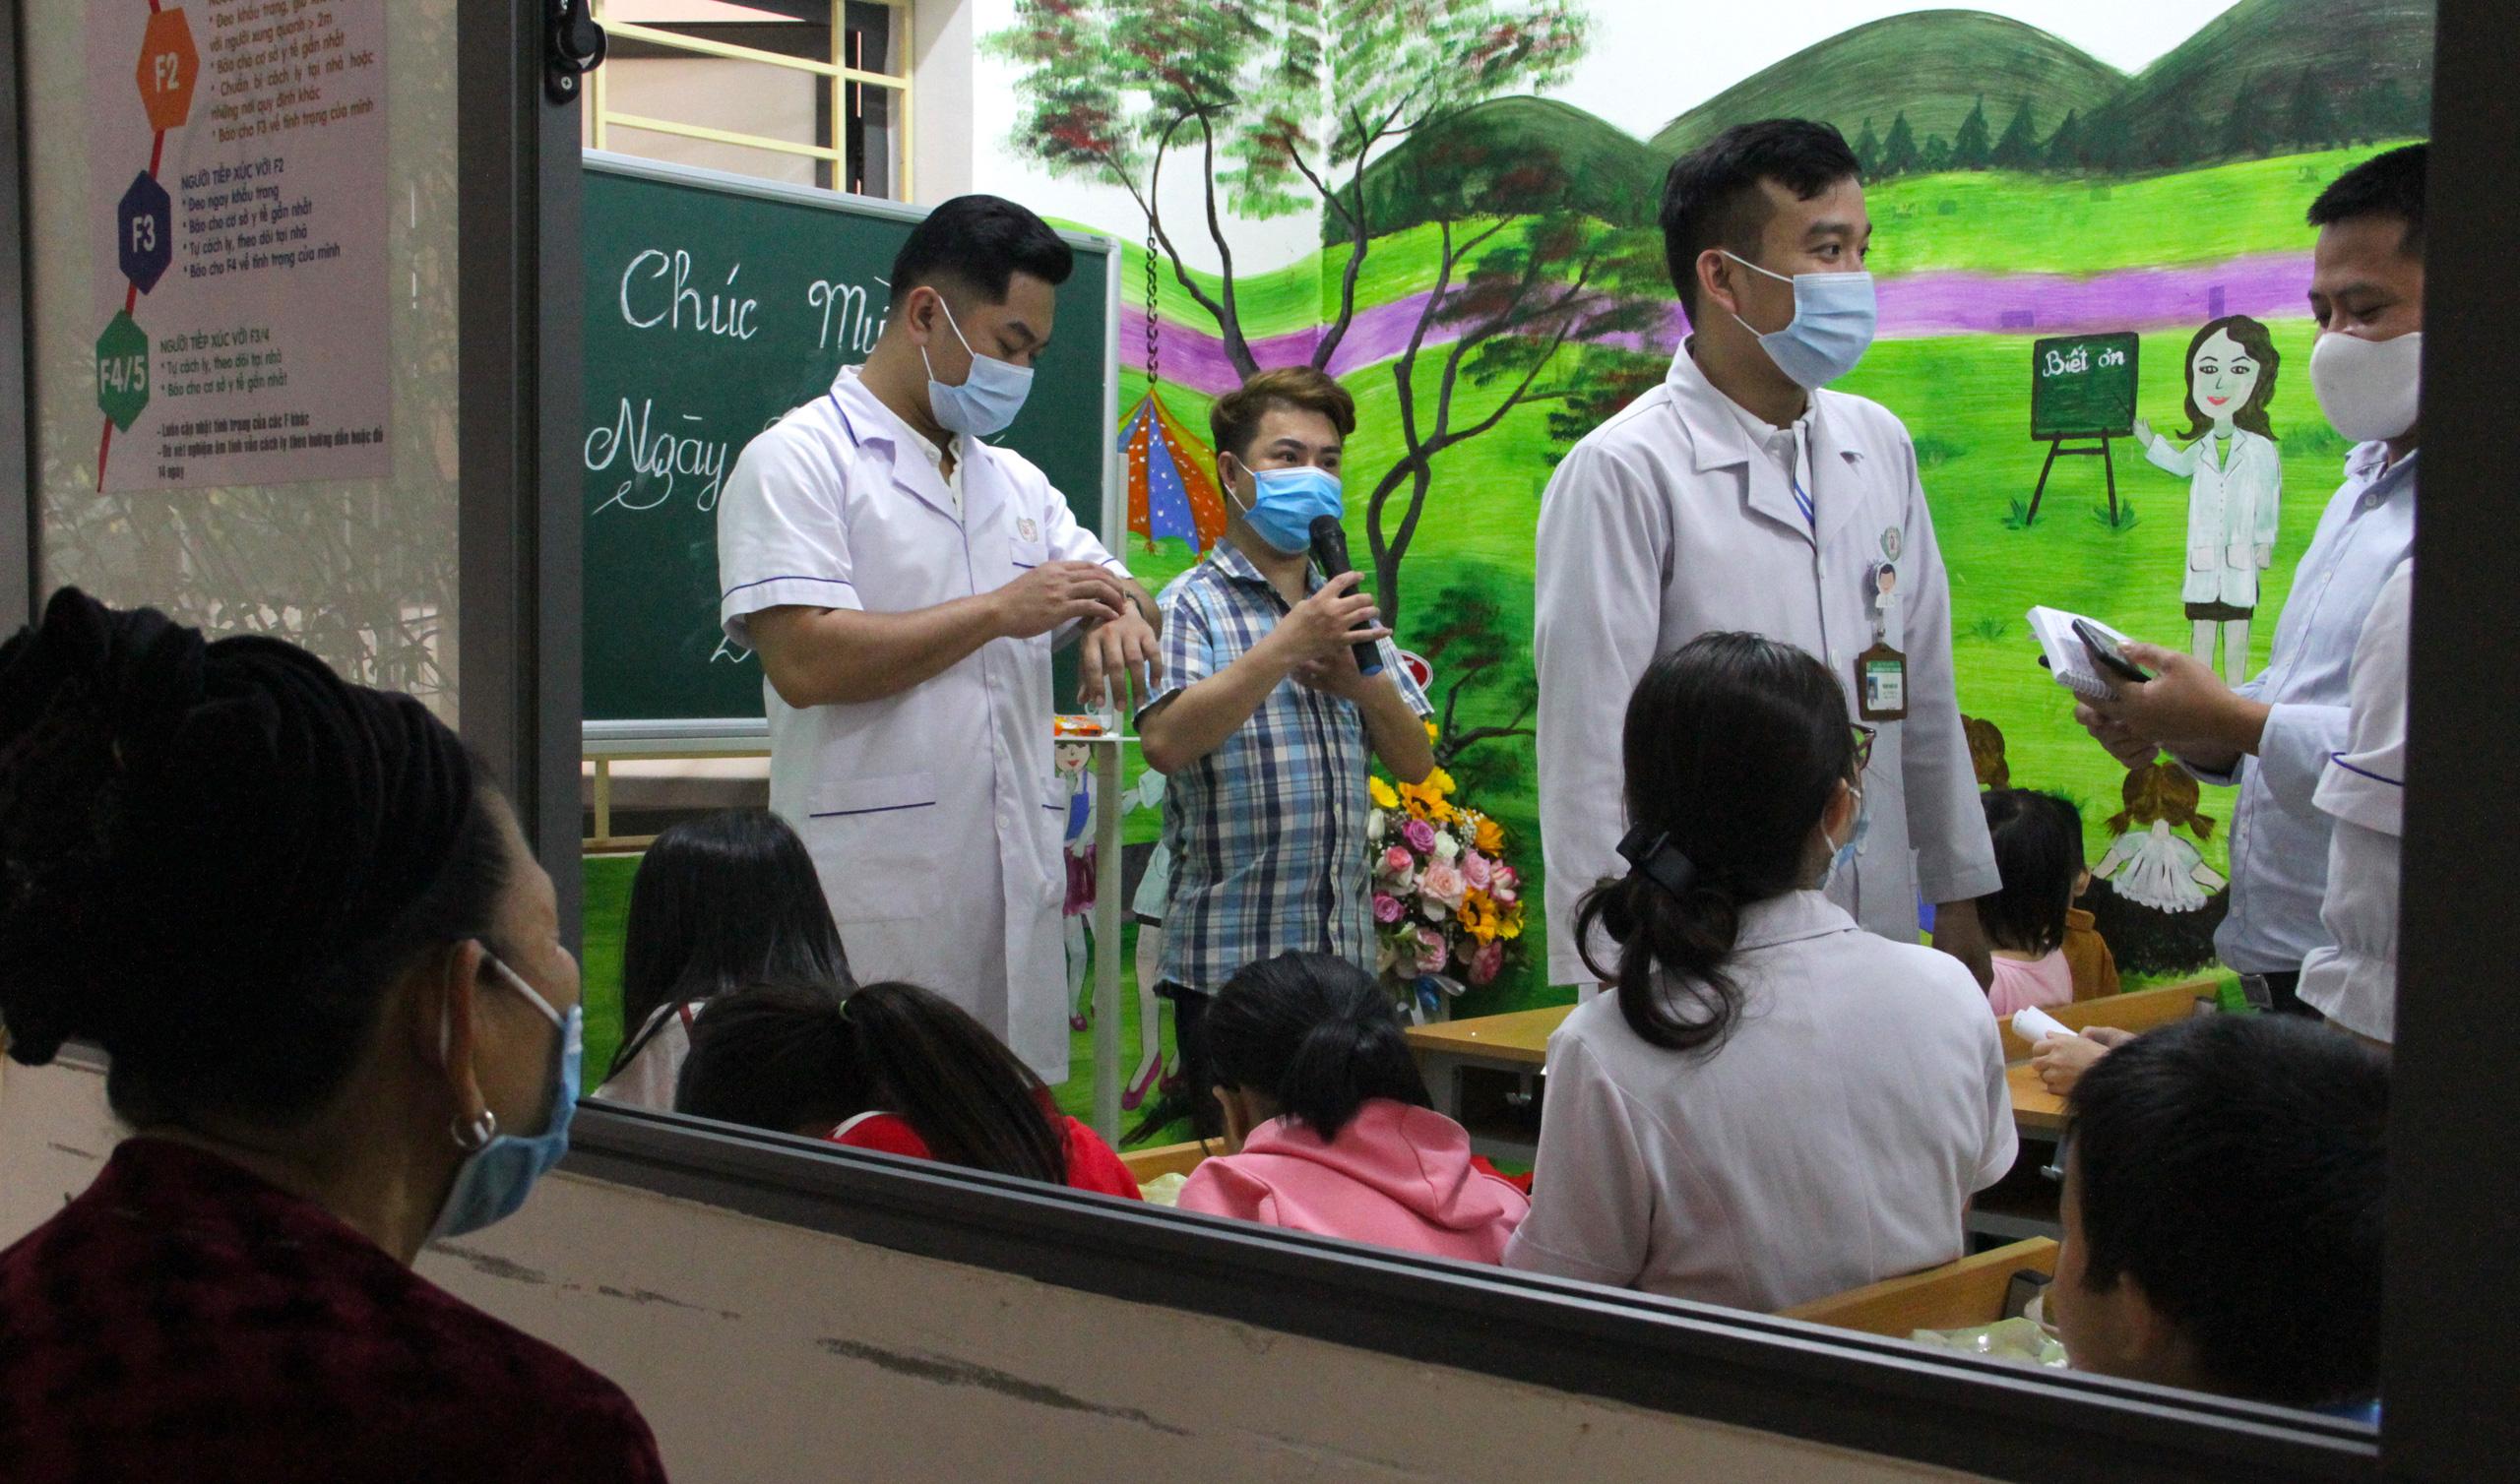 Lớp học đặc biệt trong trung tâm truyền máu, thầy cô là những người khoác áo blouse trắng - Ảnh 2.